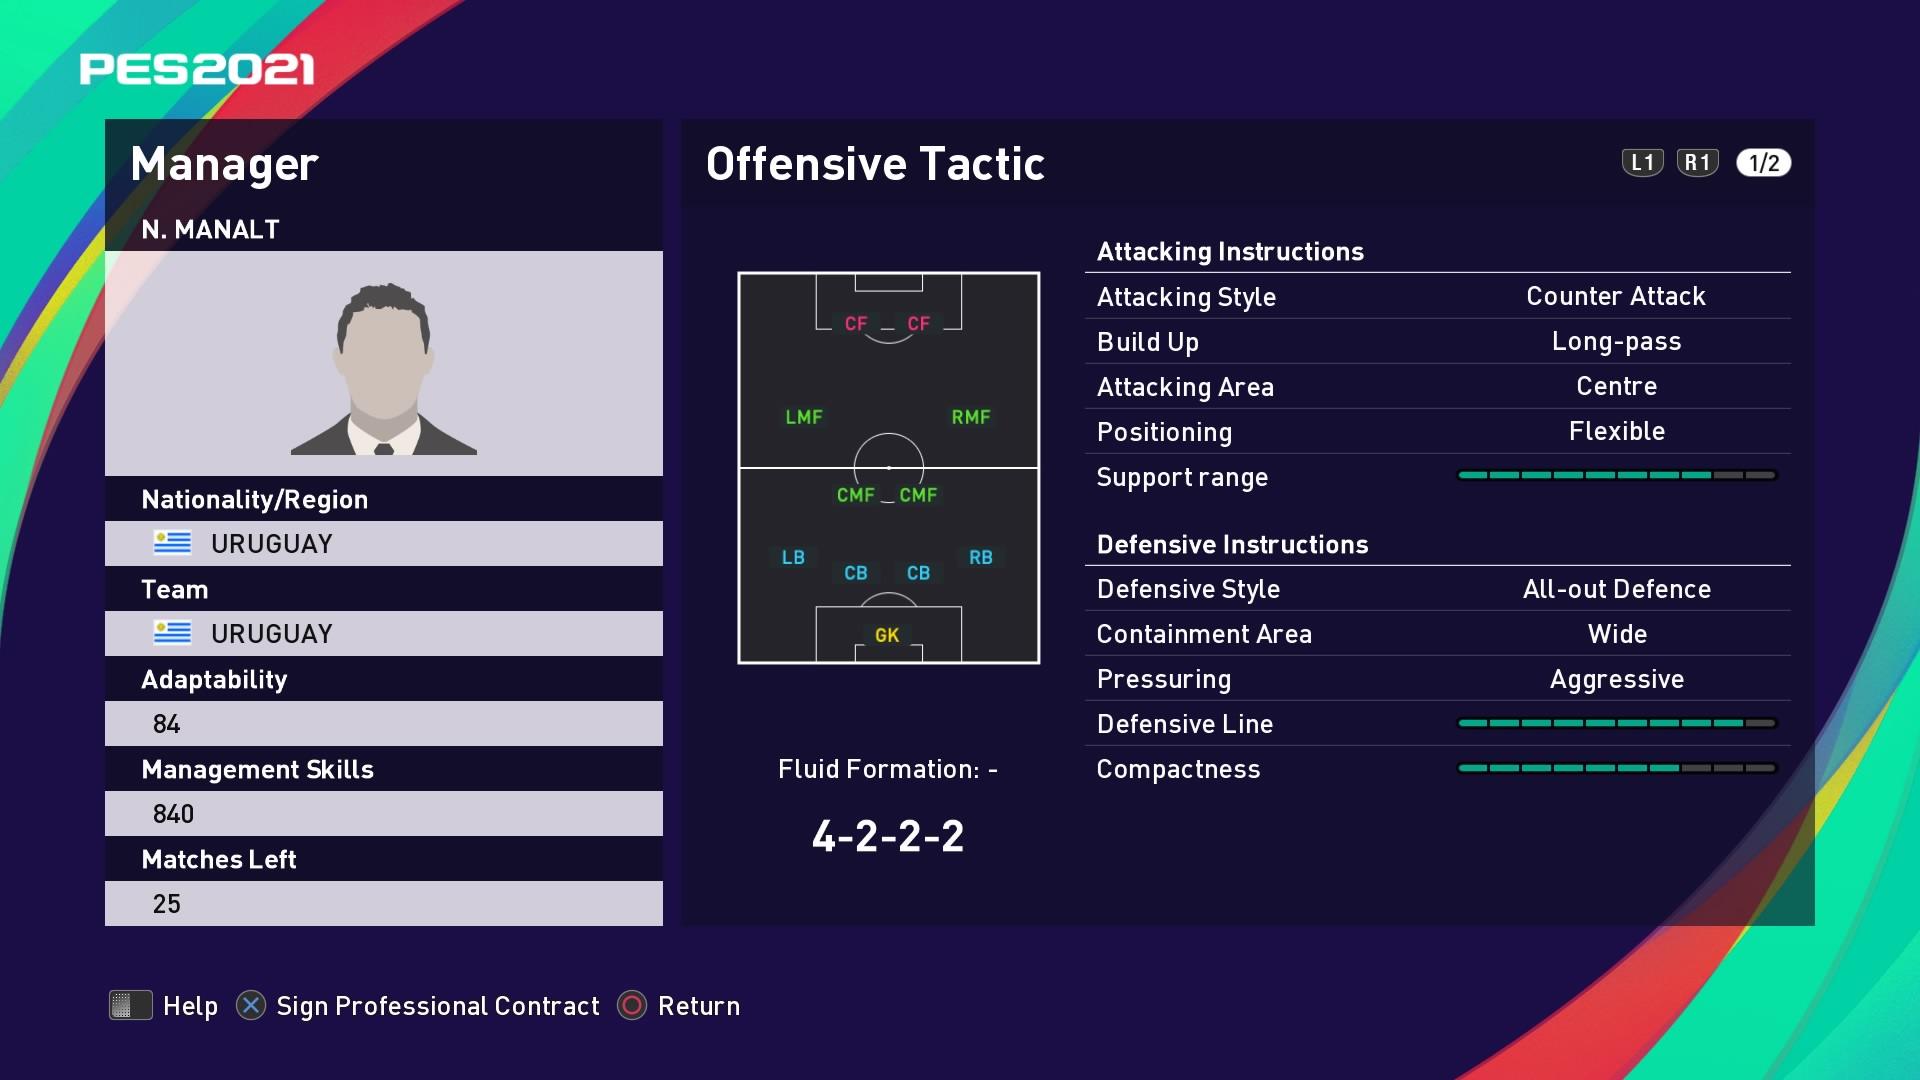 N. Manalt (Óscar Tabárez) Offensive Tactic in PES 2021 myClub